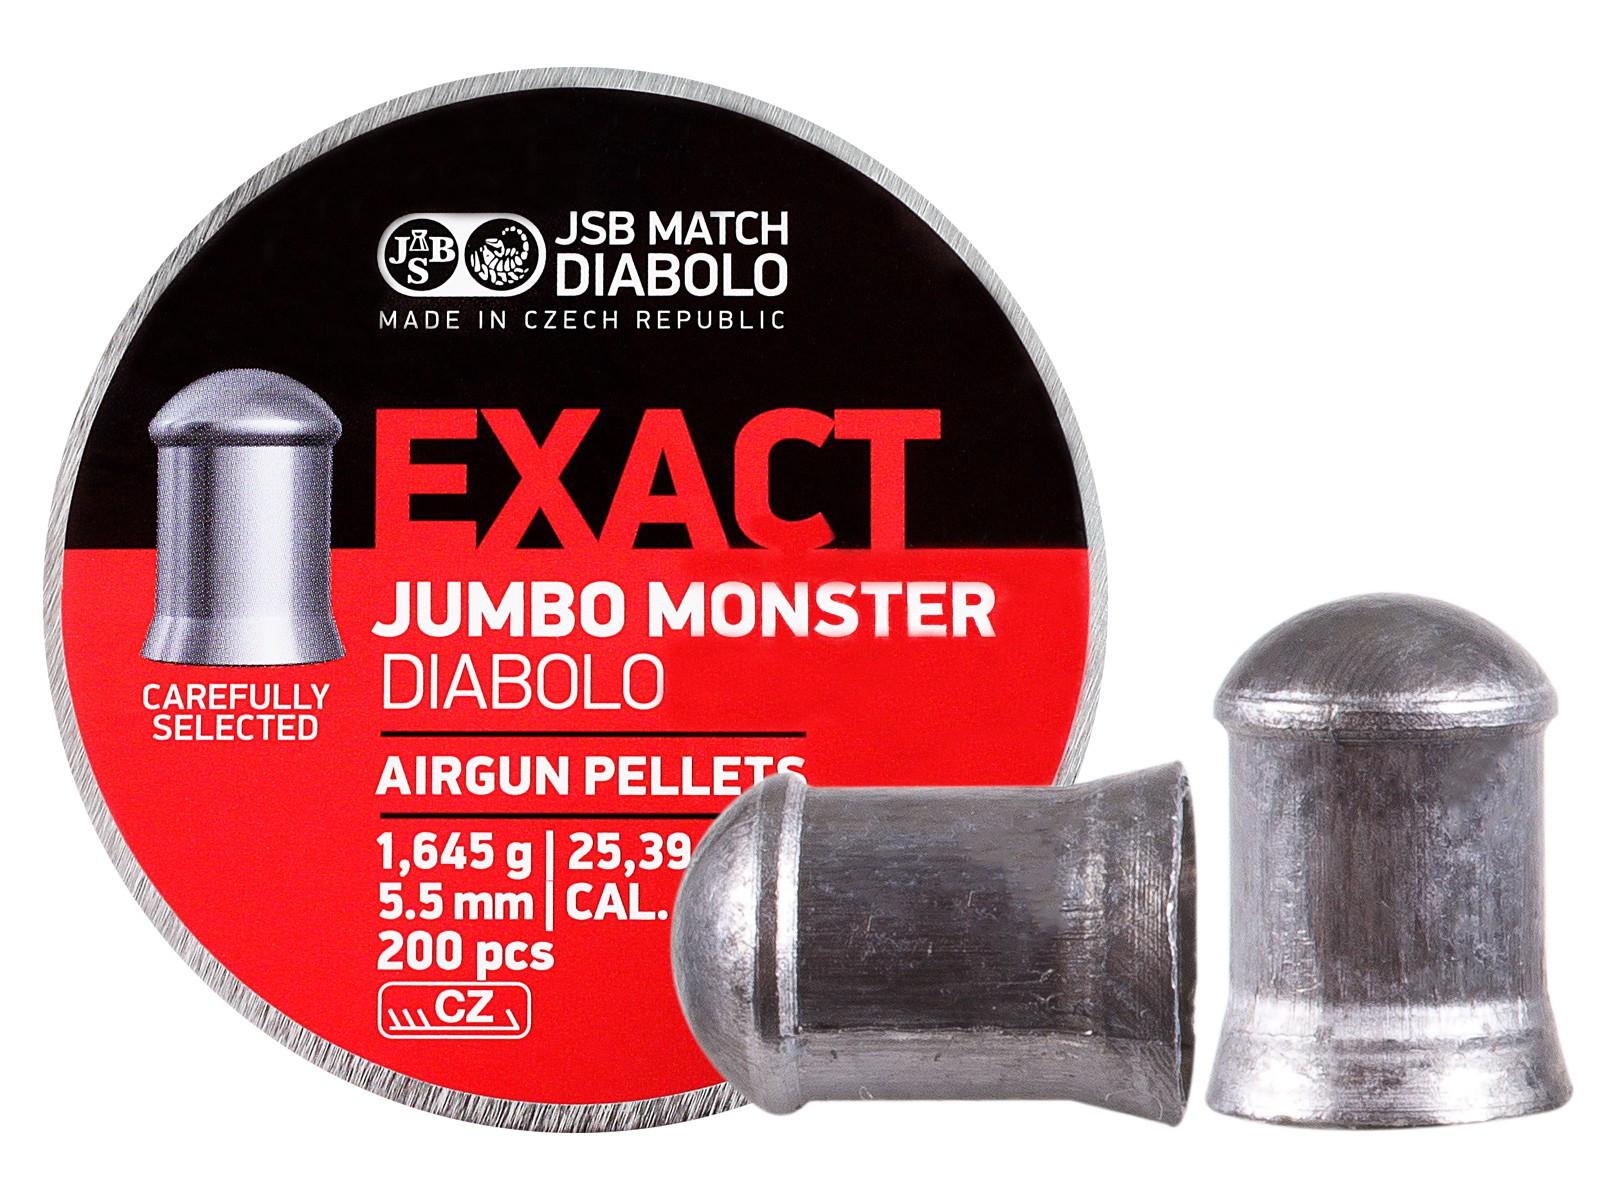 JSB Diabolo Exact Jumbo Monster .22 Cal, 25.39 gr - 200 ct